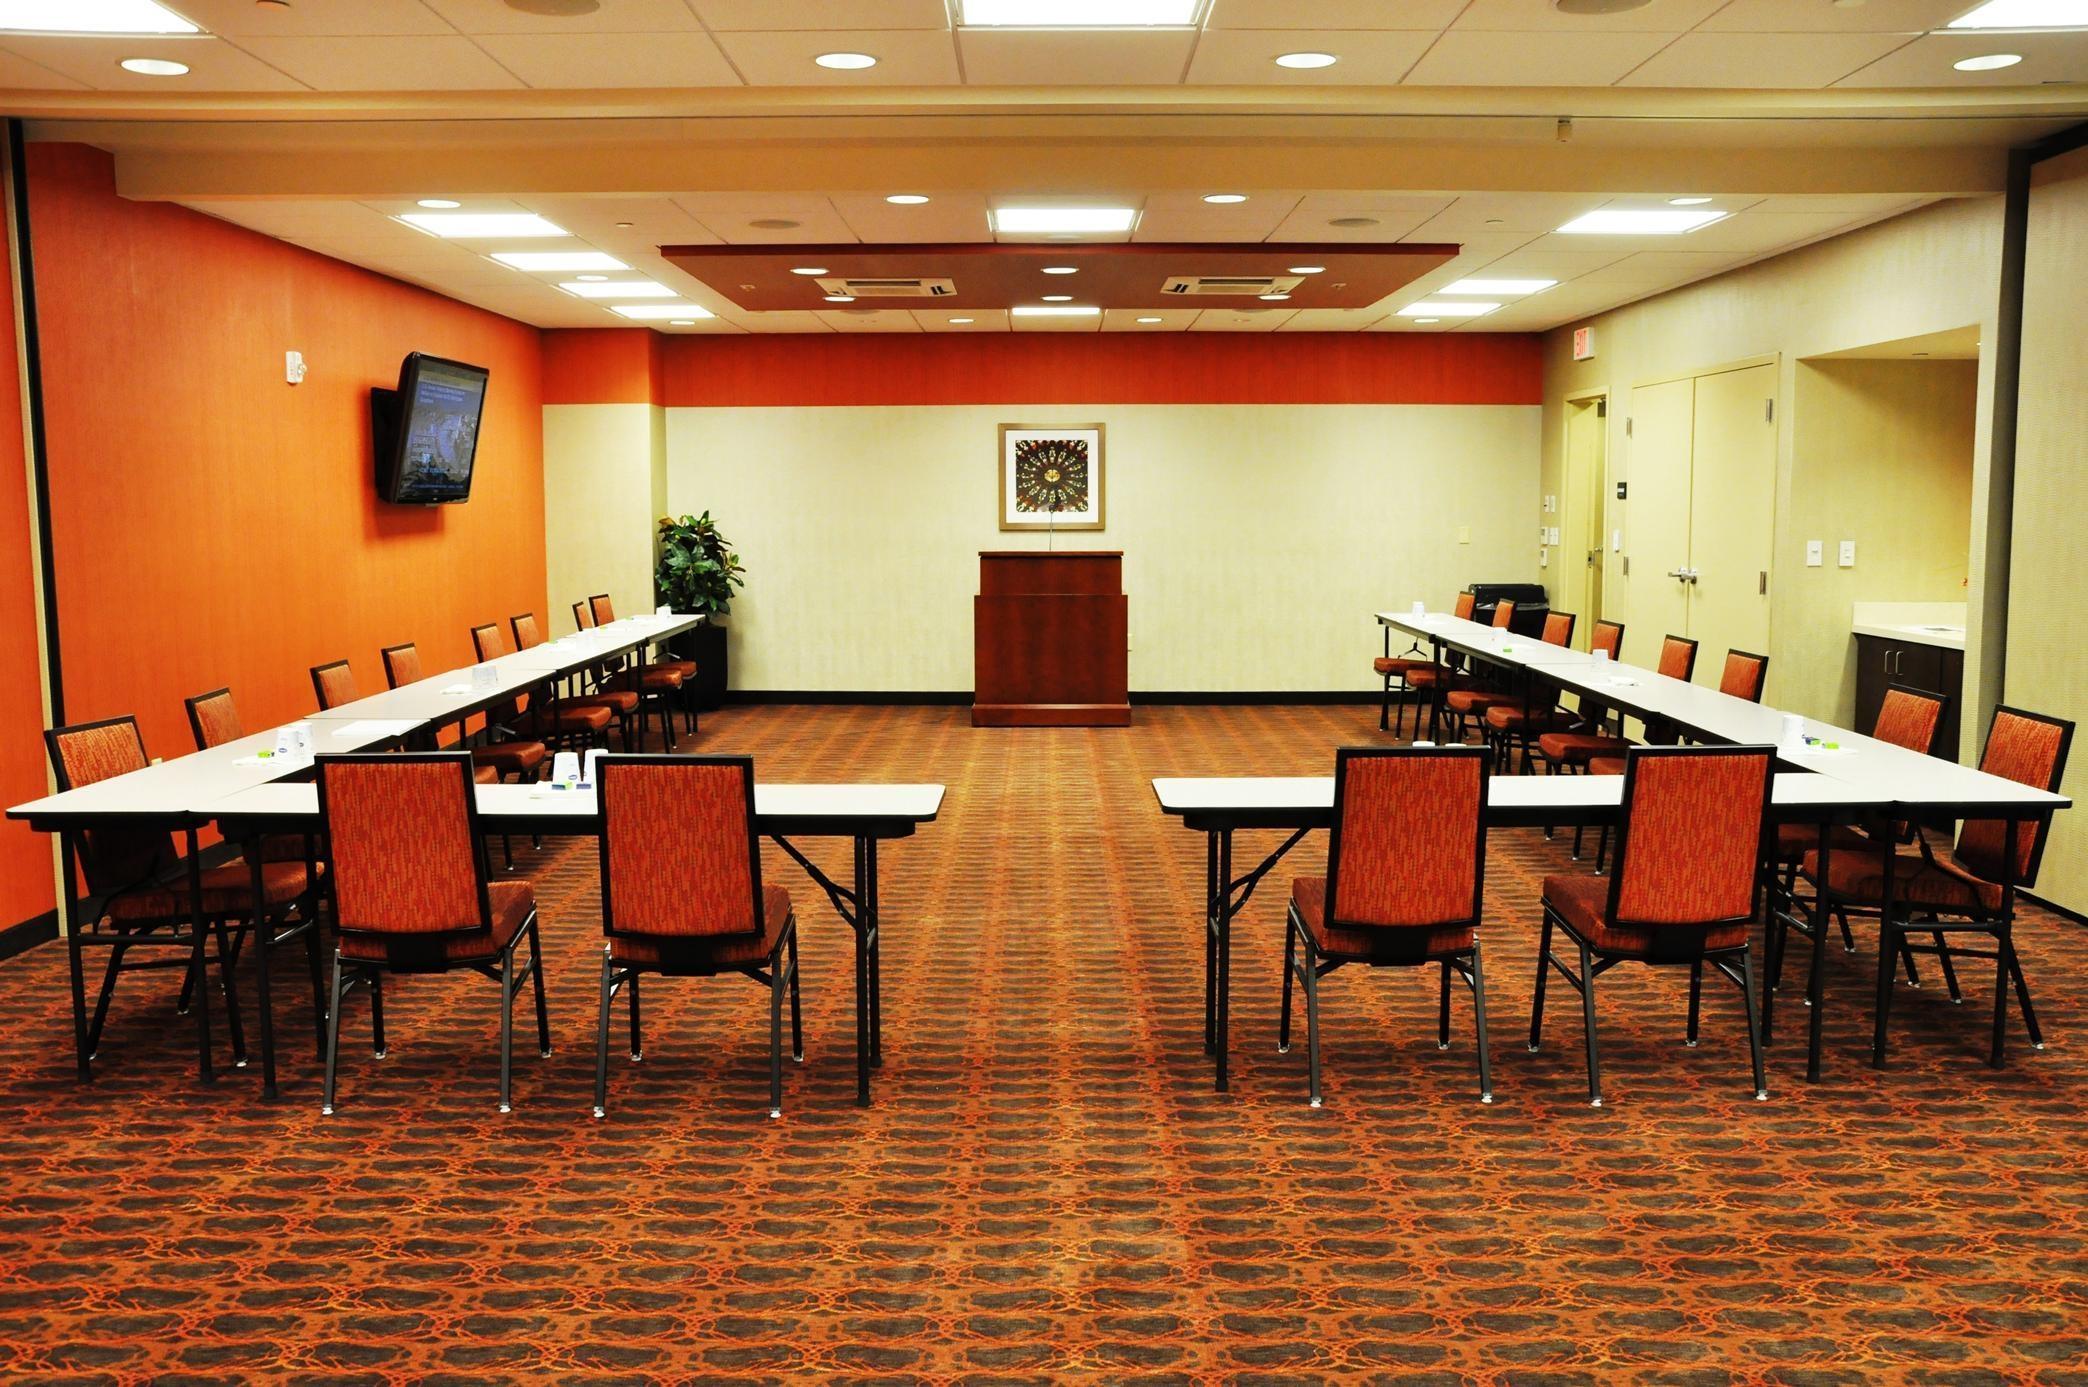 Hampton Inn & Suites Cincinnati/Uptown-University Area image 13